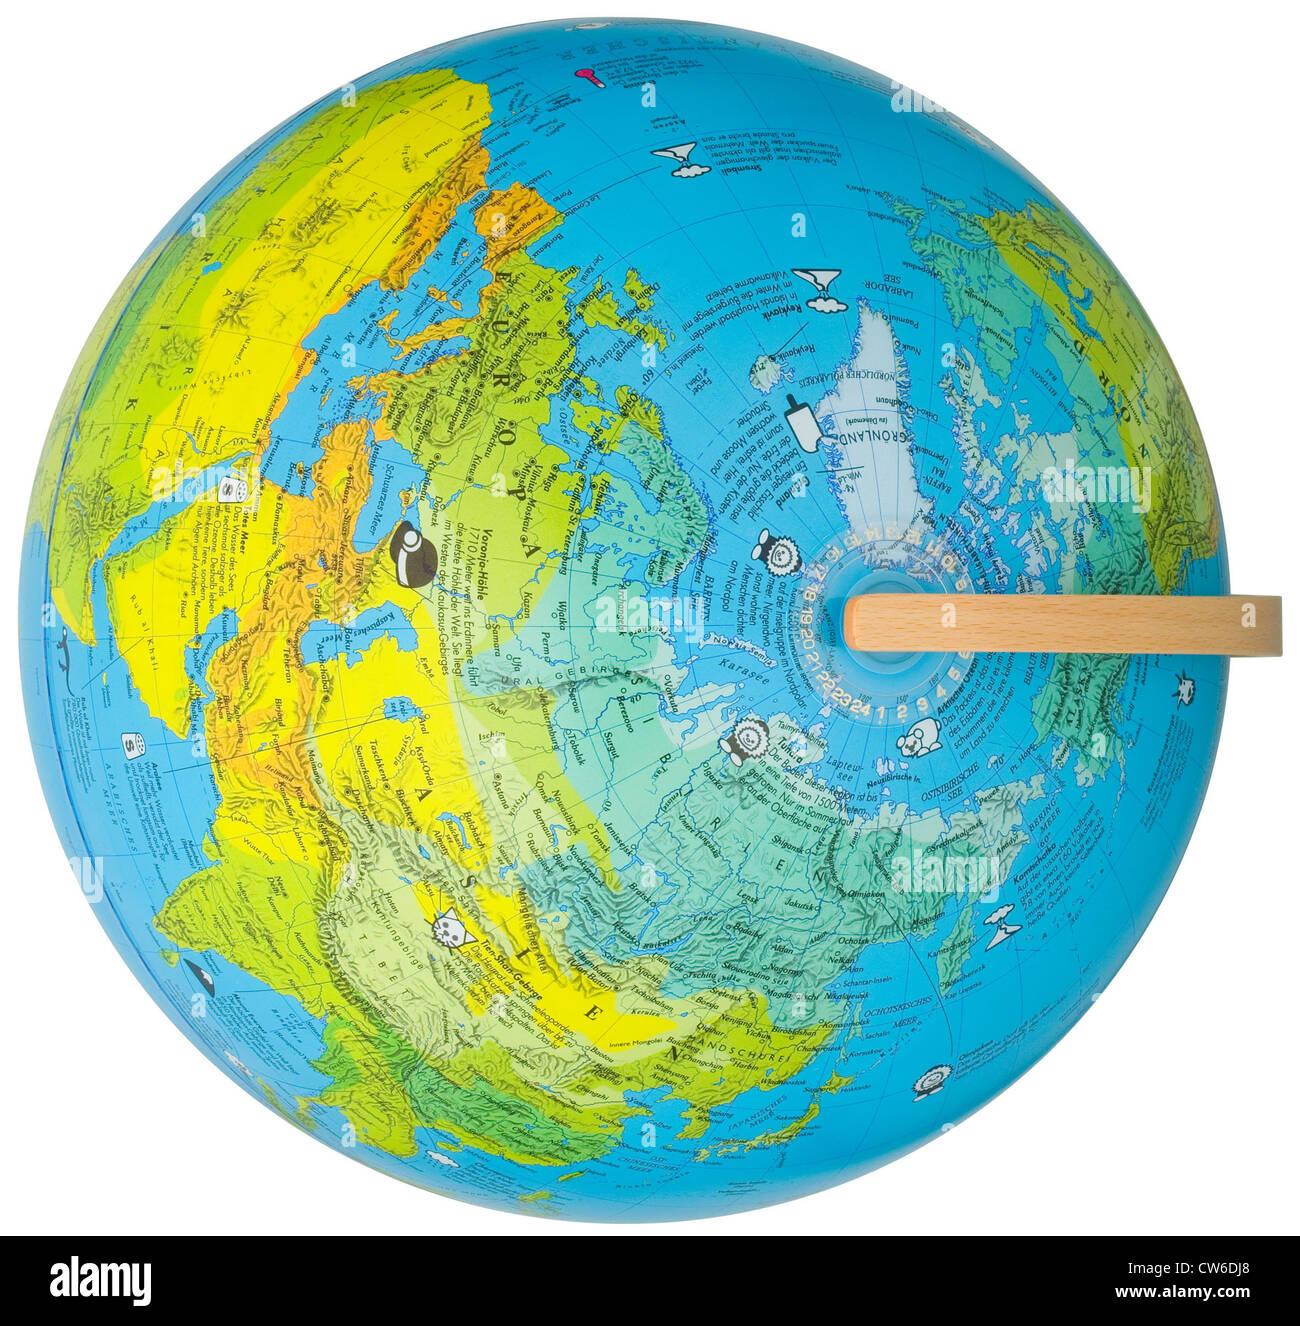 Simulation globe map world stock photos simulation globe map world berlin globe stock image gumiabroncs Images